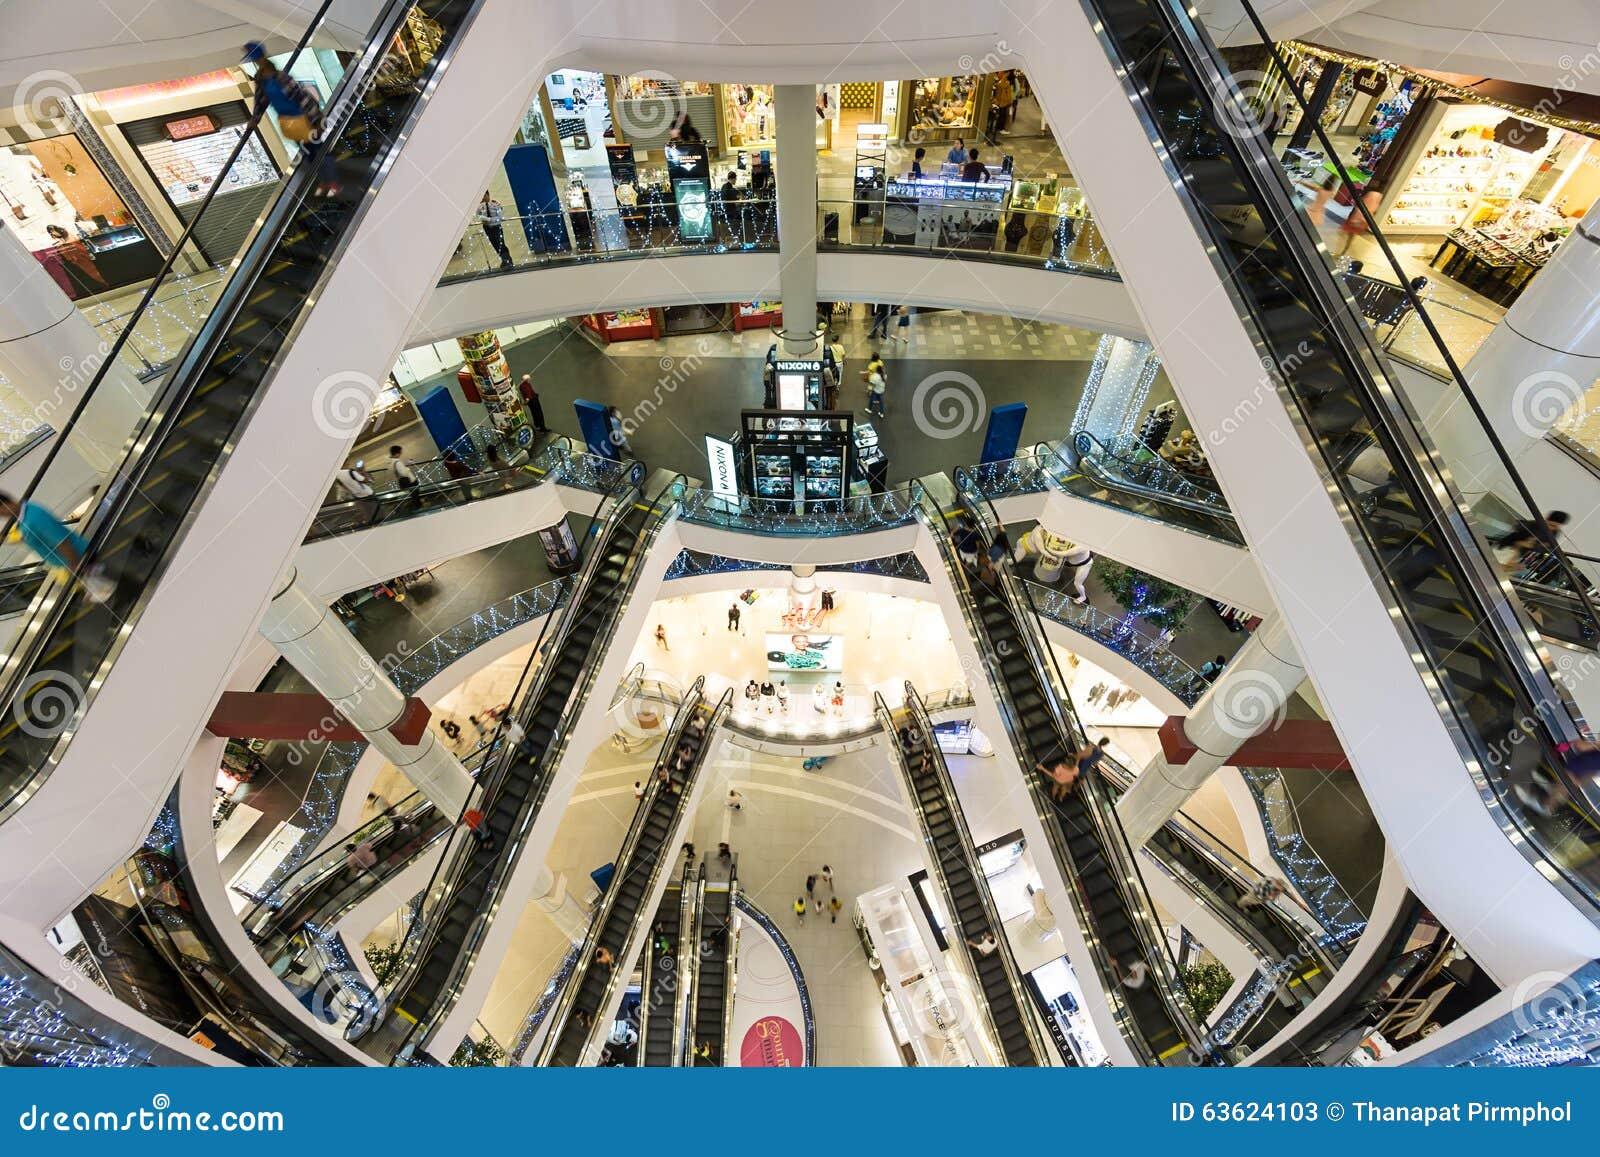 Bangkok, Thailand - 7 December 2015 : The interior of Terminal 21 (famous shopping mall at BTS Asoke and MTR Sukhumvit)